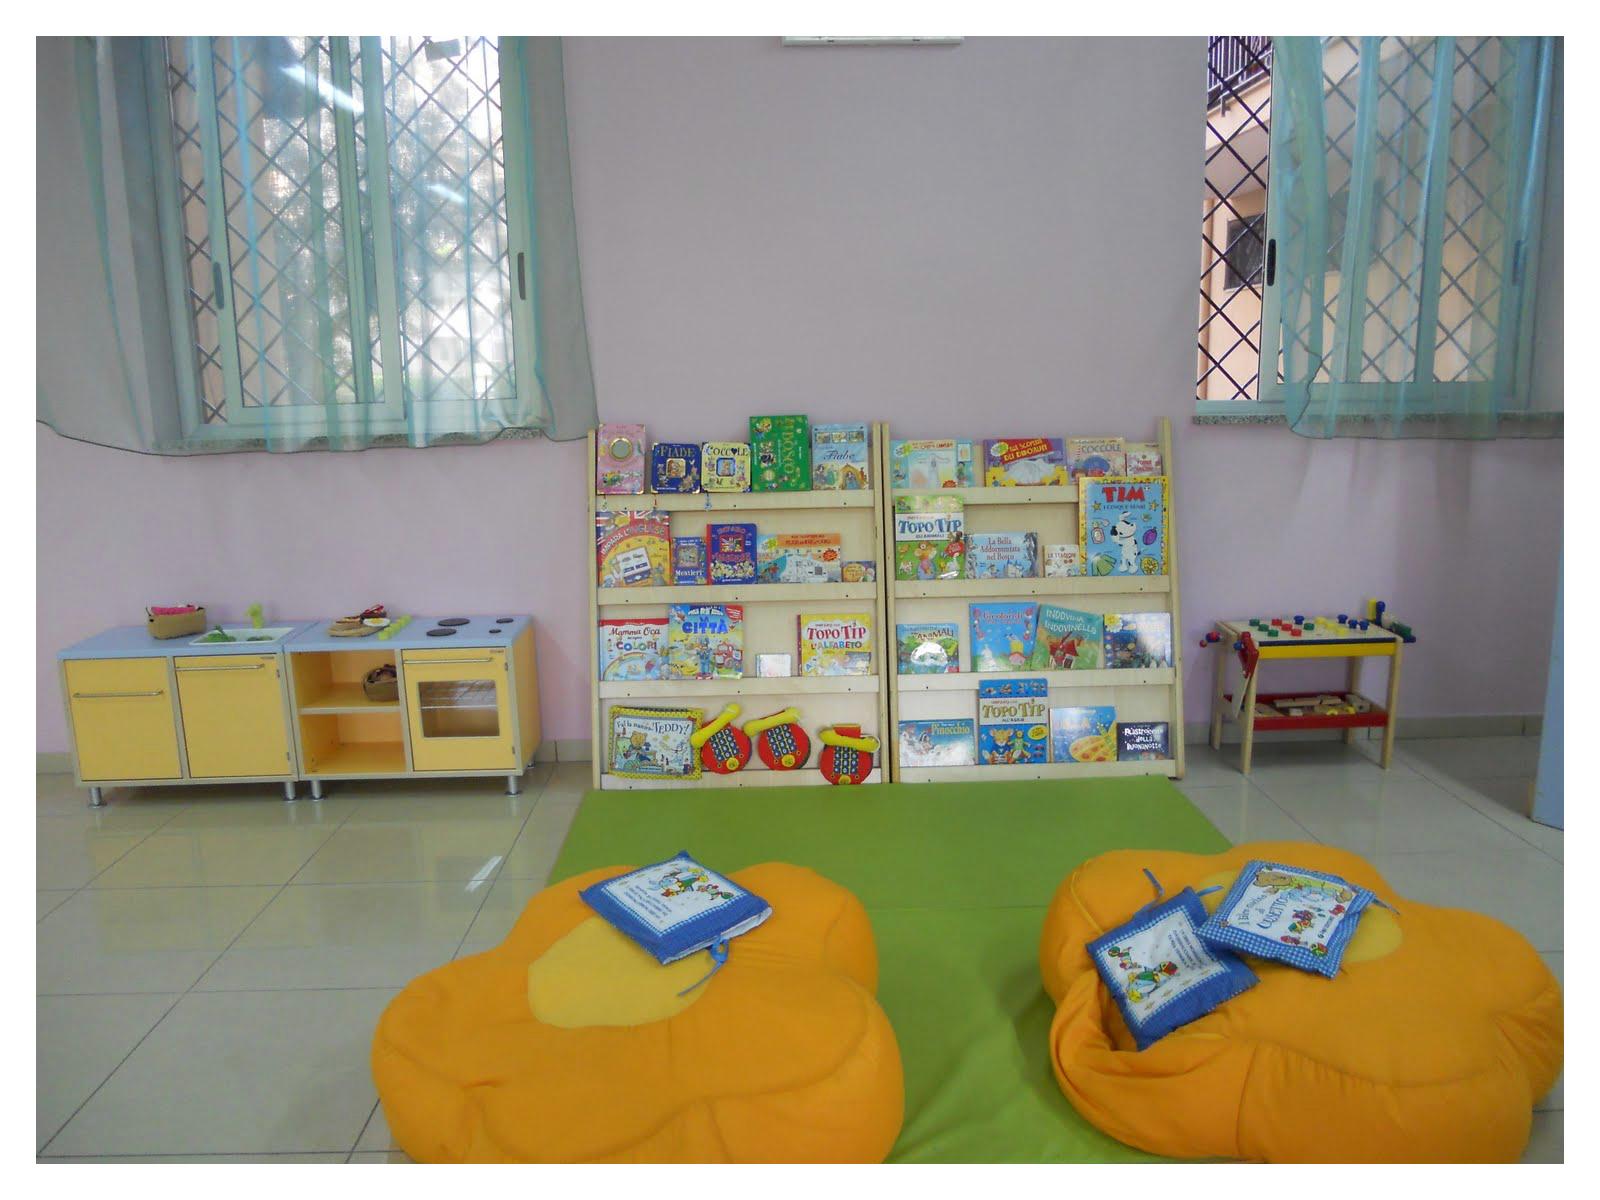 Angolo Lettura Per Bambini : Libri esca per invogliare i bambini alla lettura nostrofiglio